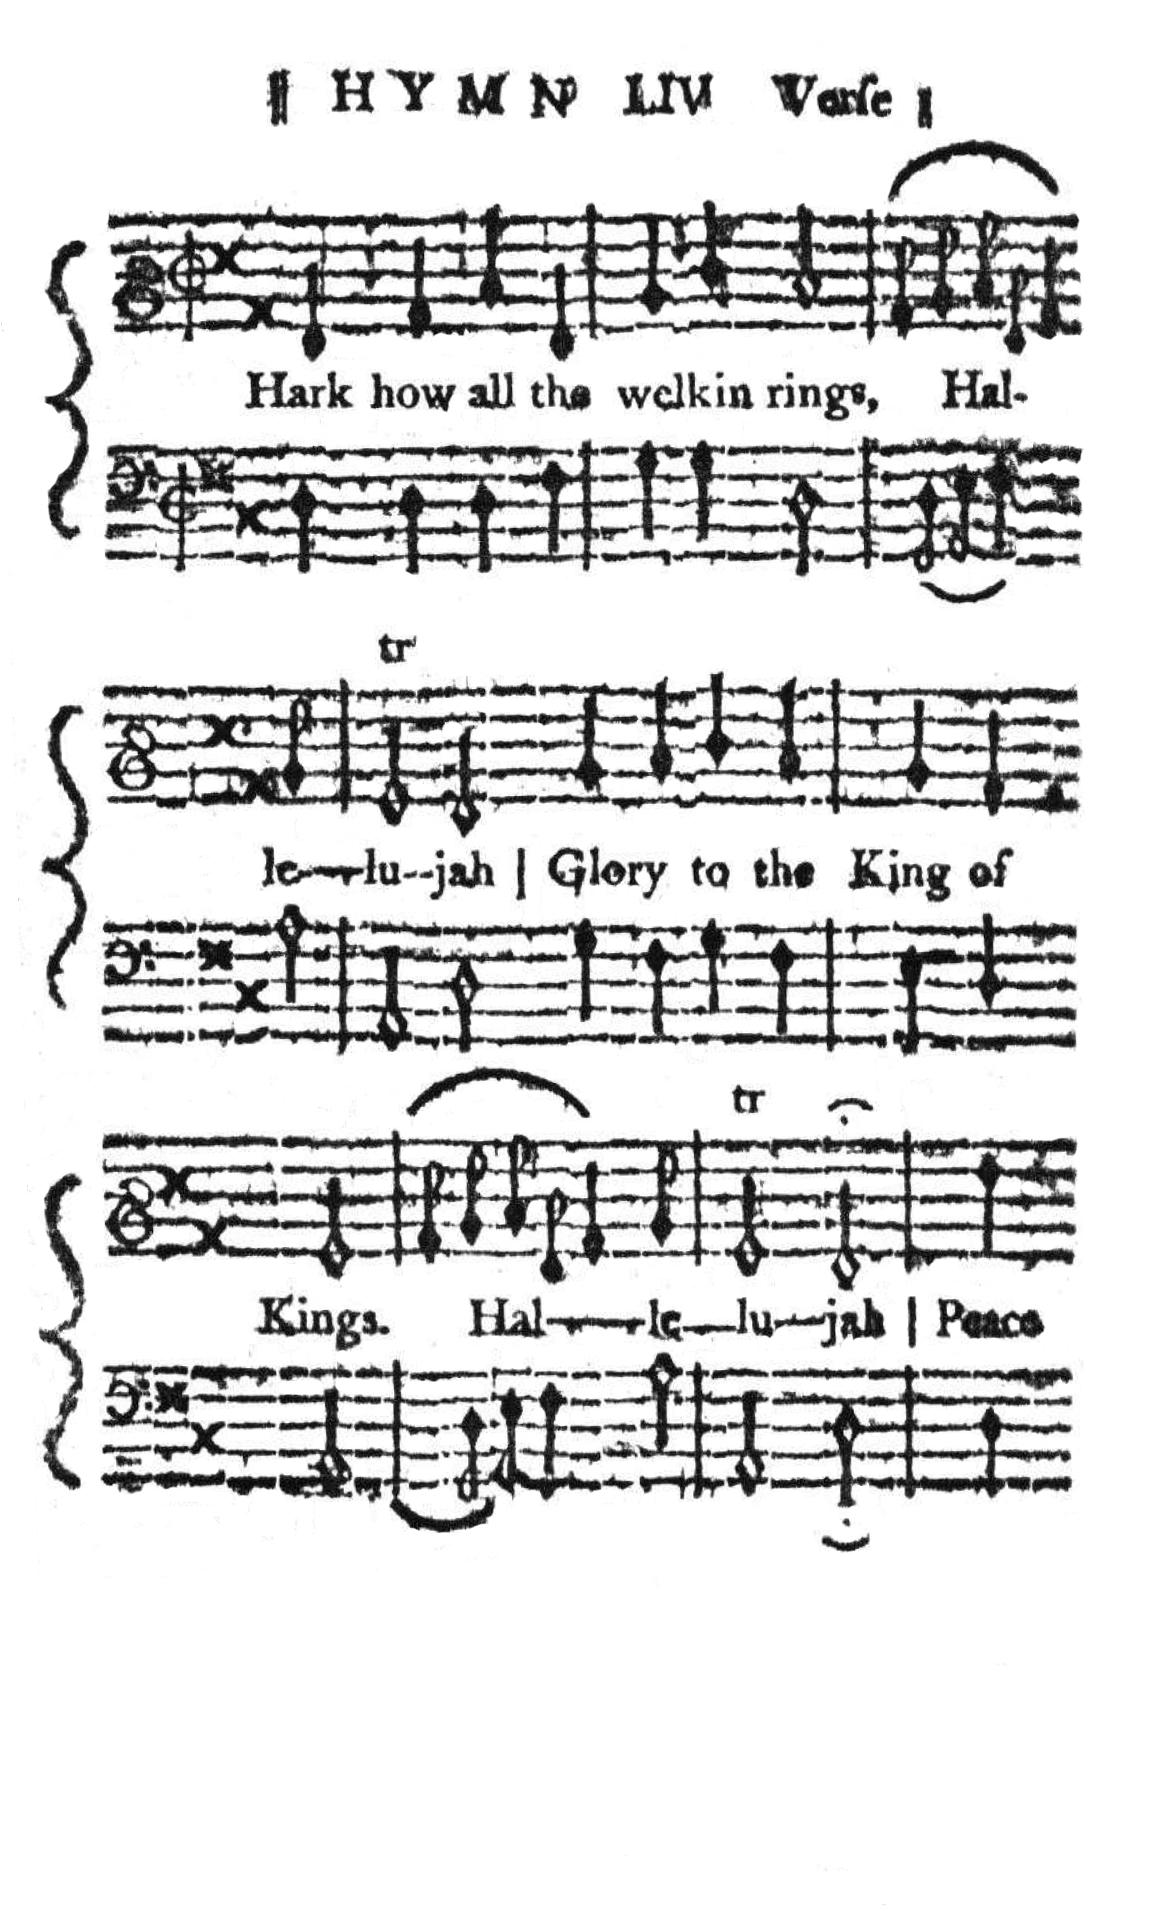 Hark-CollectionofHymnsandSacredPoems-1749-6a.jpg